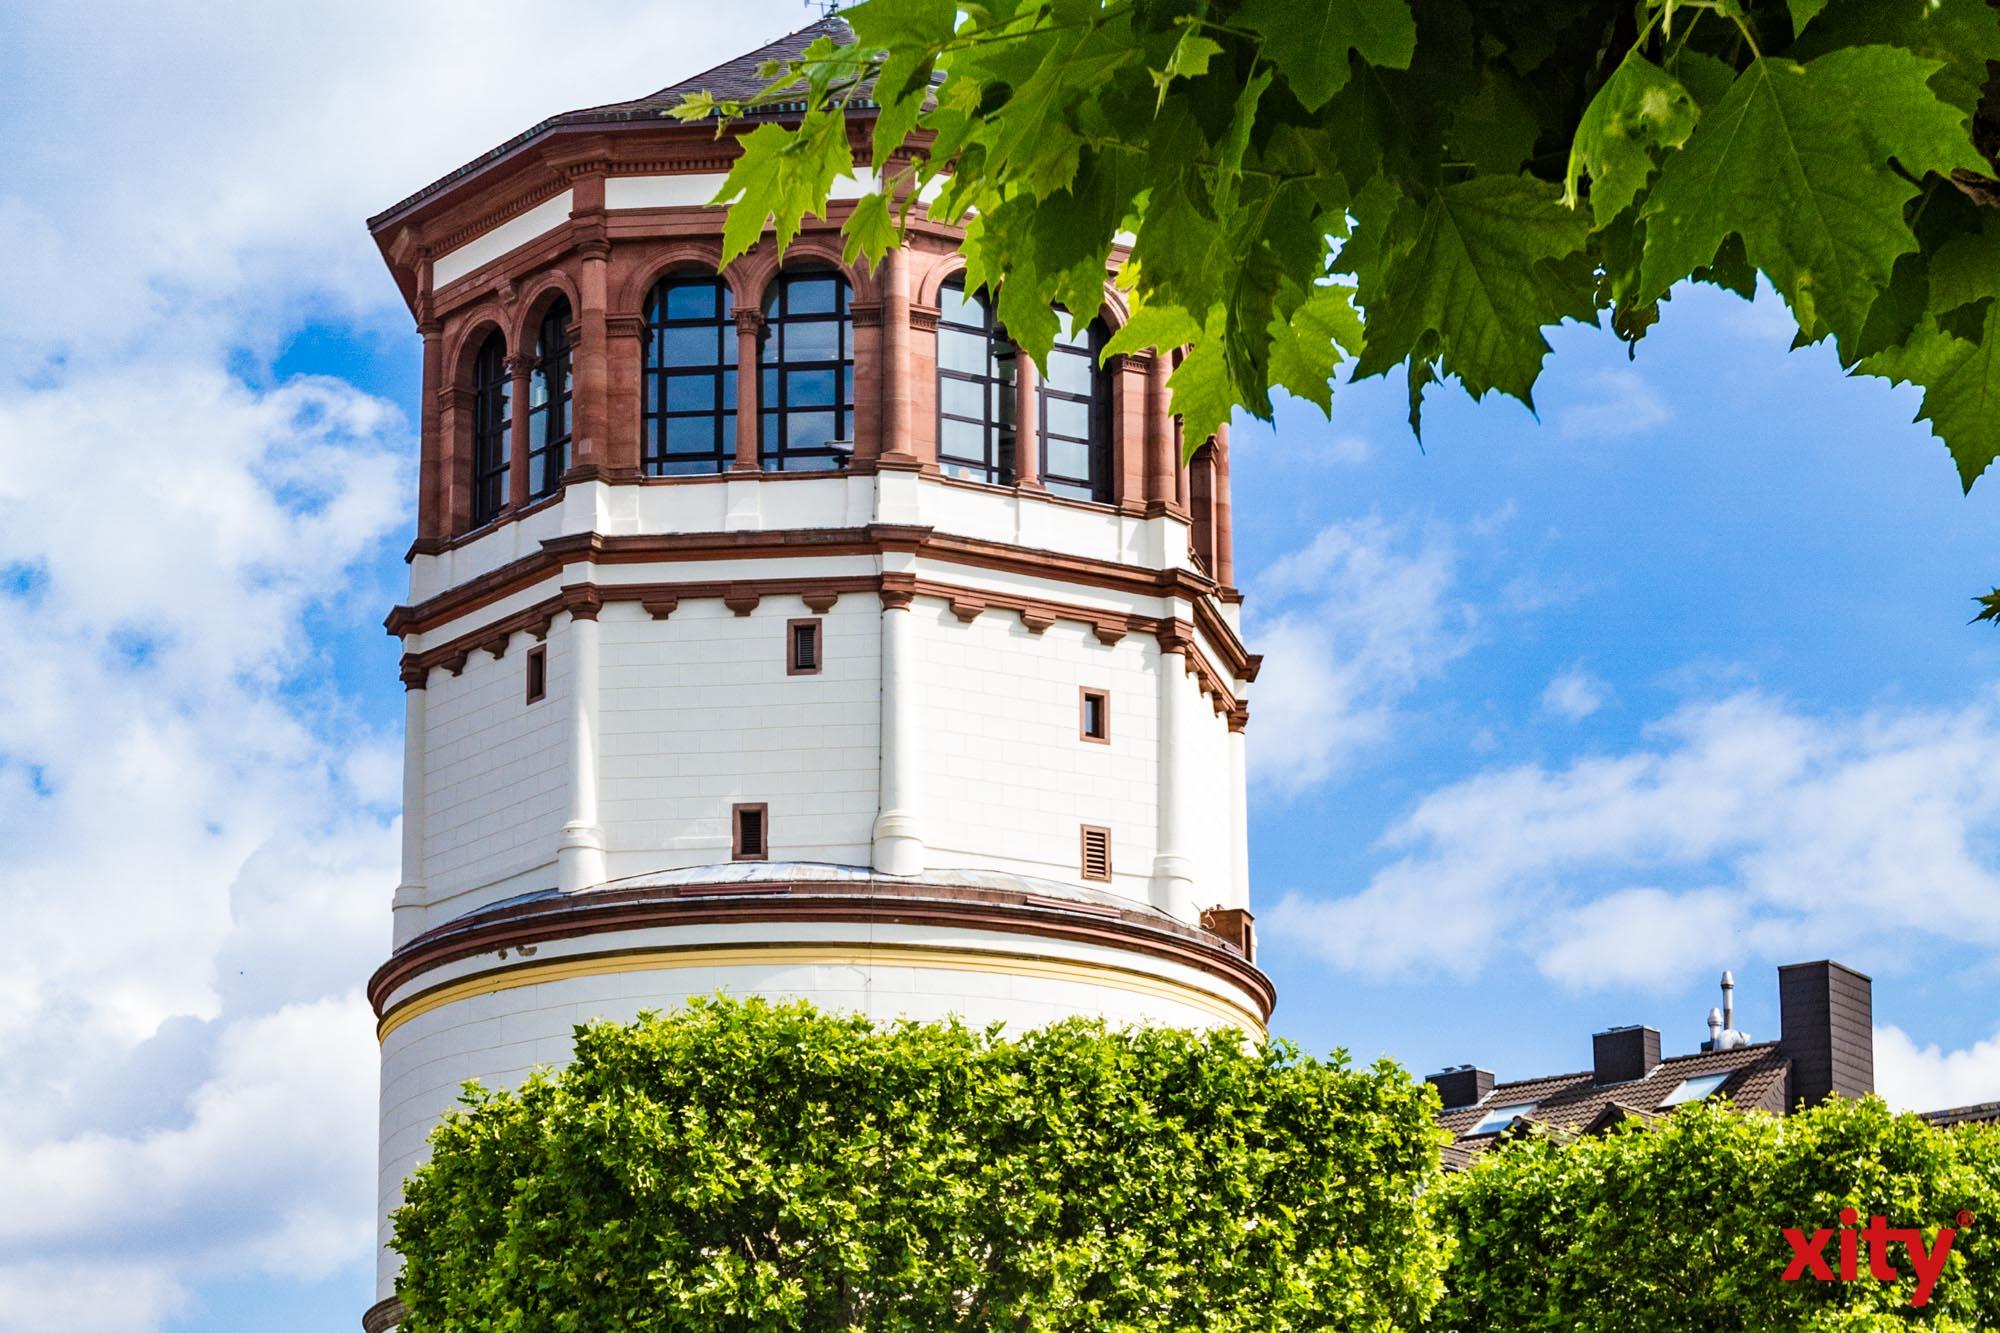 SchifffahrtMuseum veranstaltet Altstadttour zu den Hochwassermarken (Foto: xity)